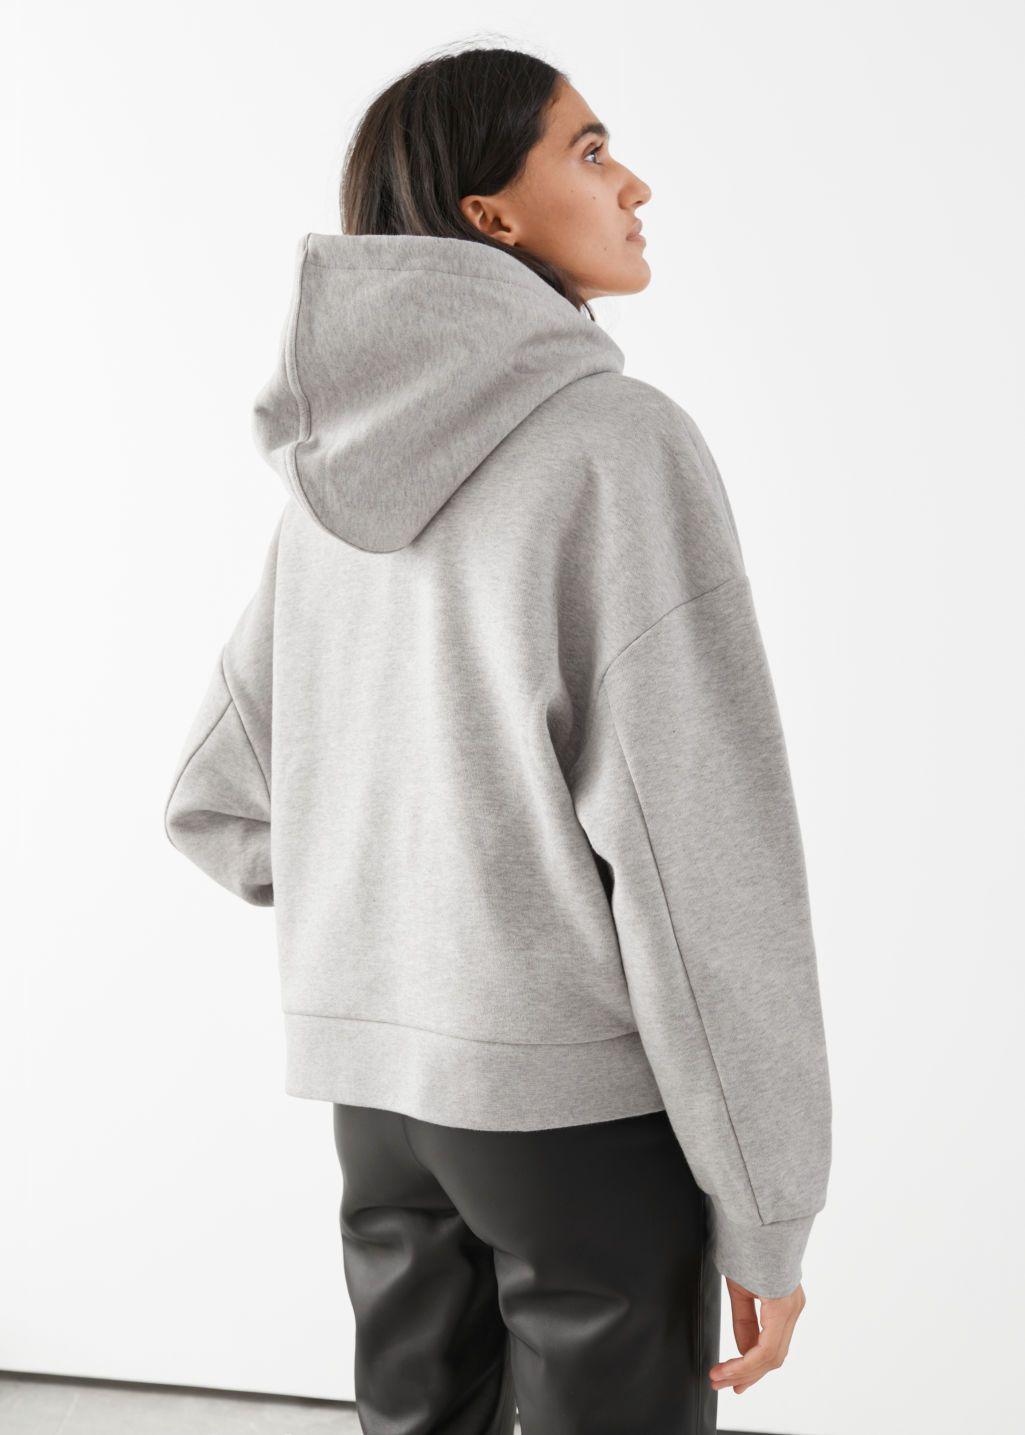 Oversized Boxy Hooded Sweatshirt Hooded Sweatshirts Sweatshirts Hoodies [ 1435 x 1025 Pixel ]